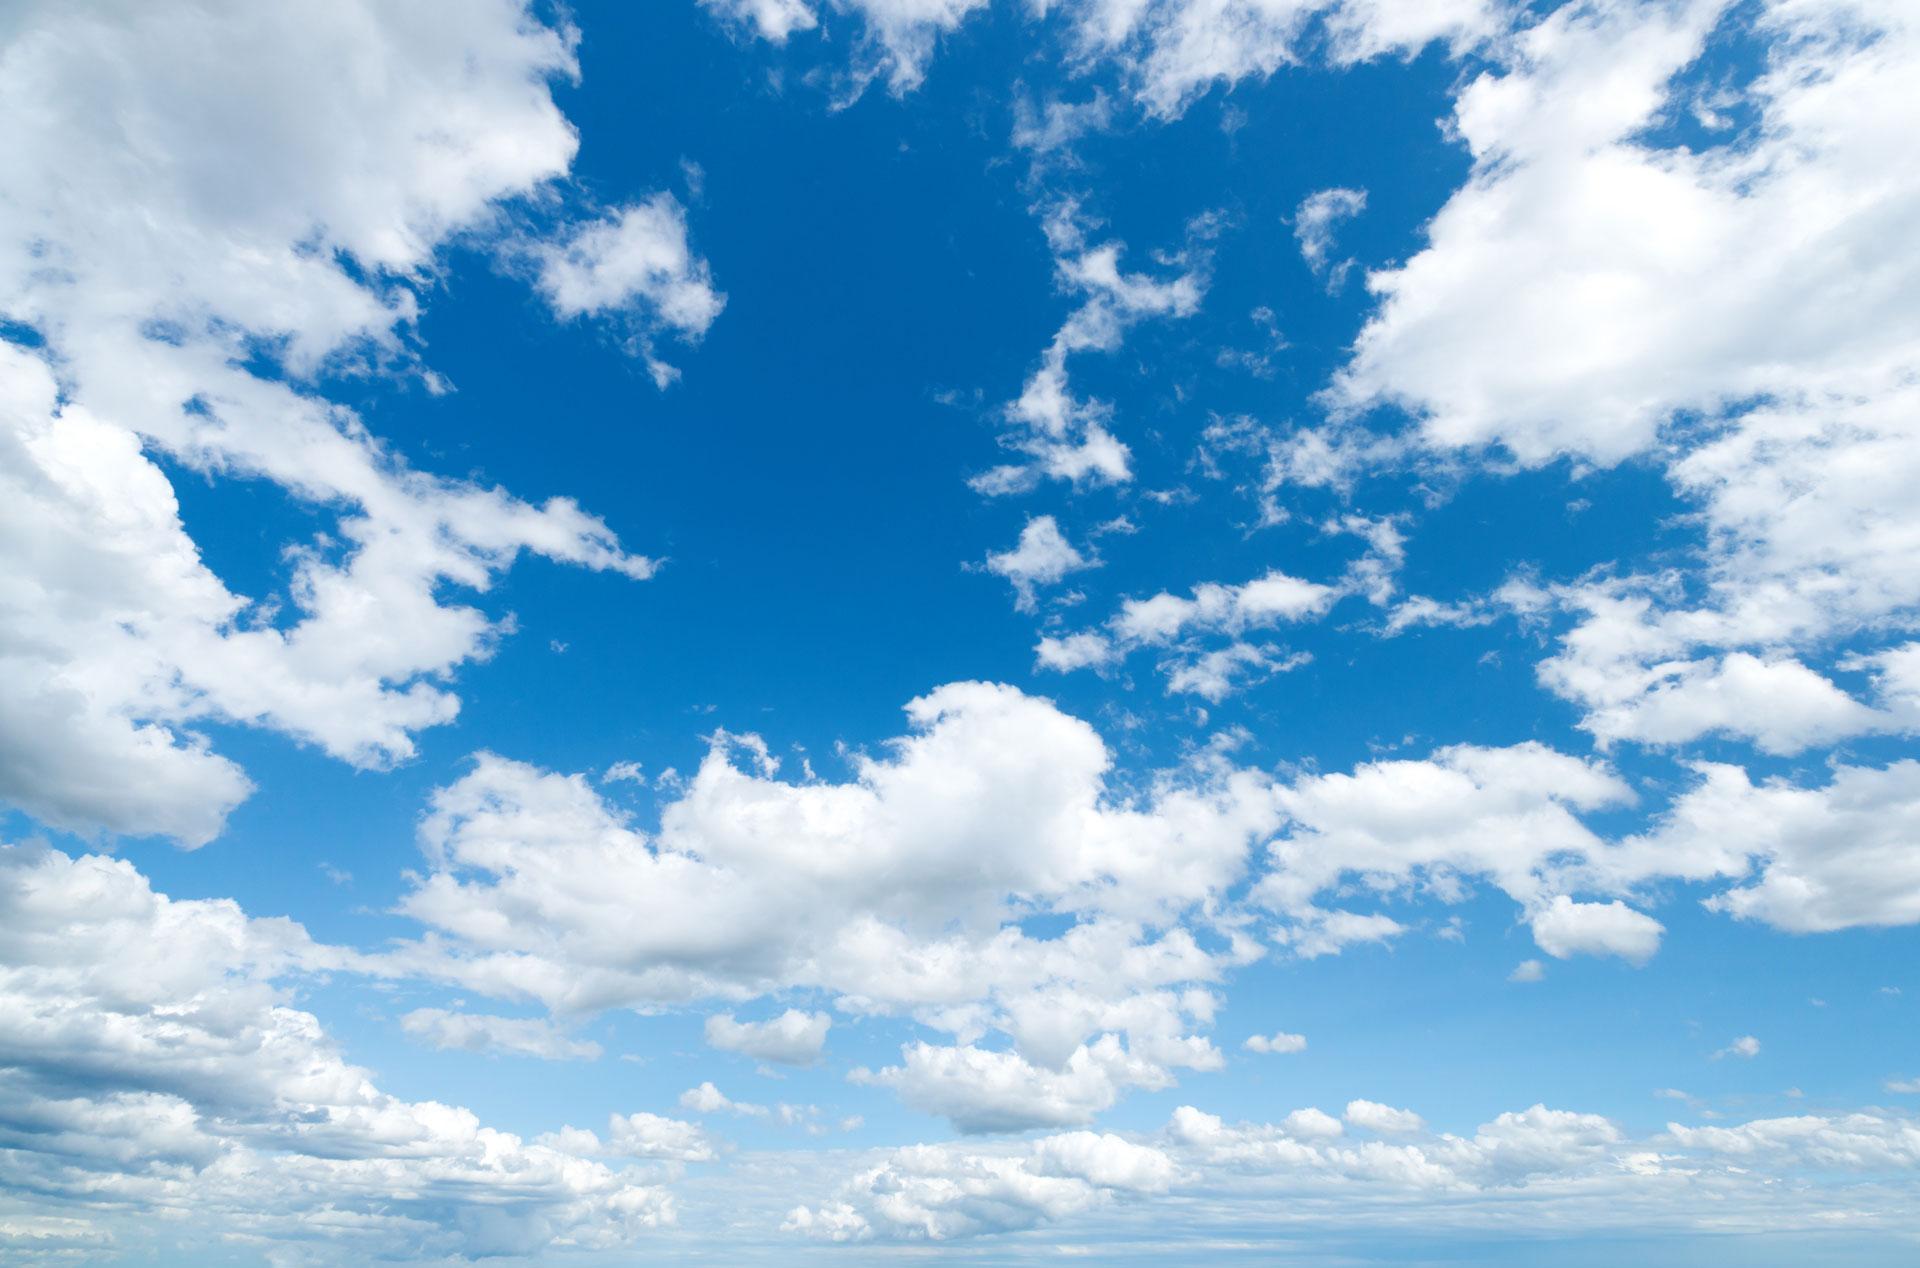 Ảnh bầu trời đẹp cùng mây trắng